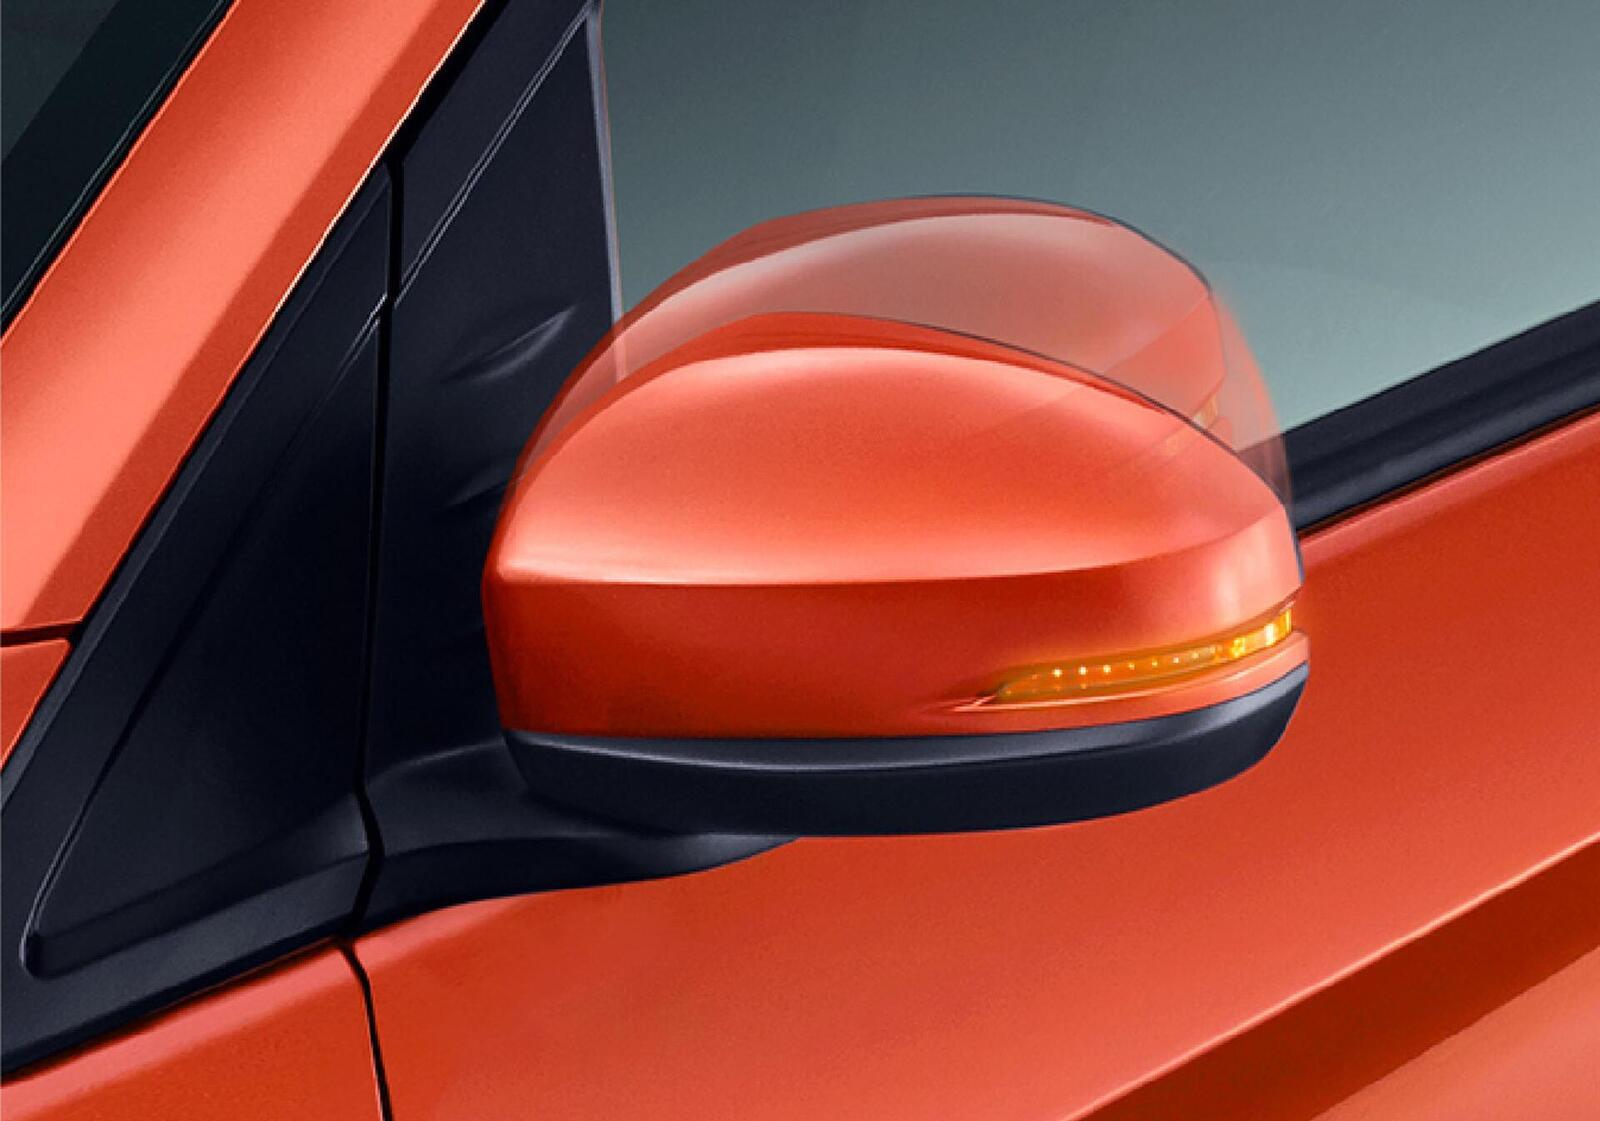 Dự đoán 3 phiên bản Honda Brio sắp ra mắt vào ngày 18.06 sắp tới - Hình 13